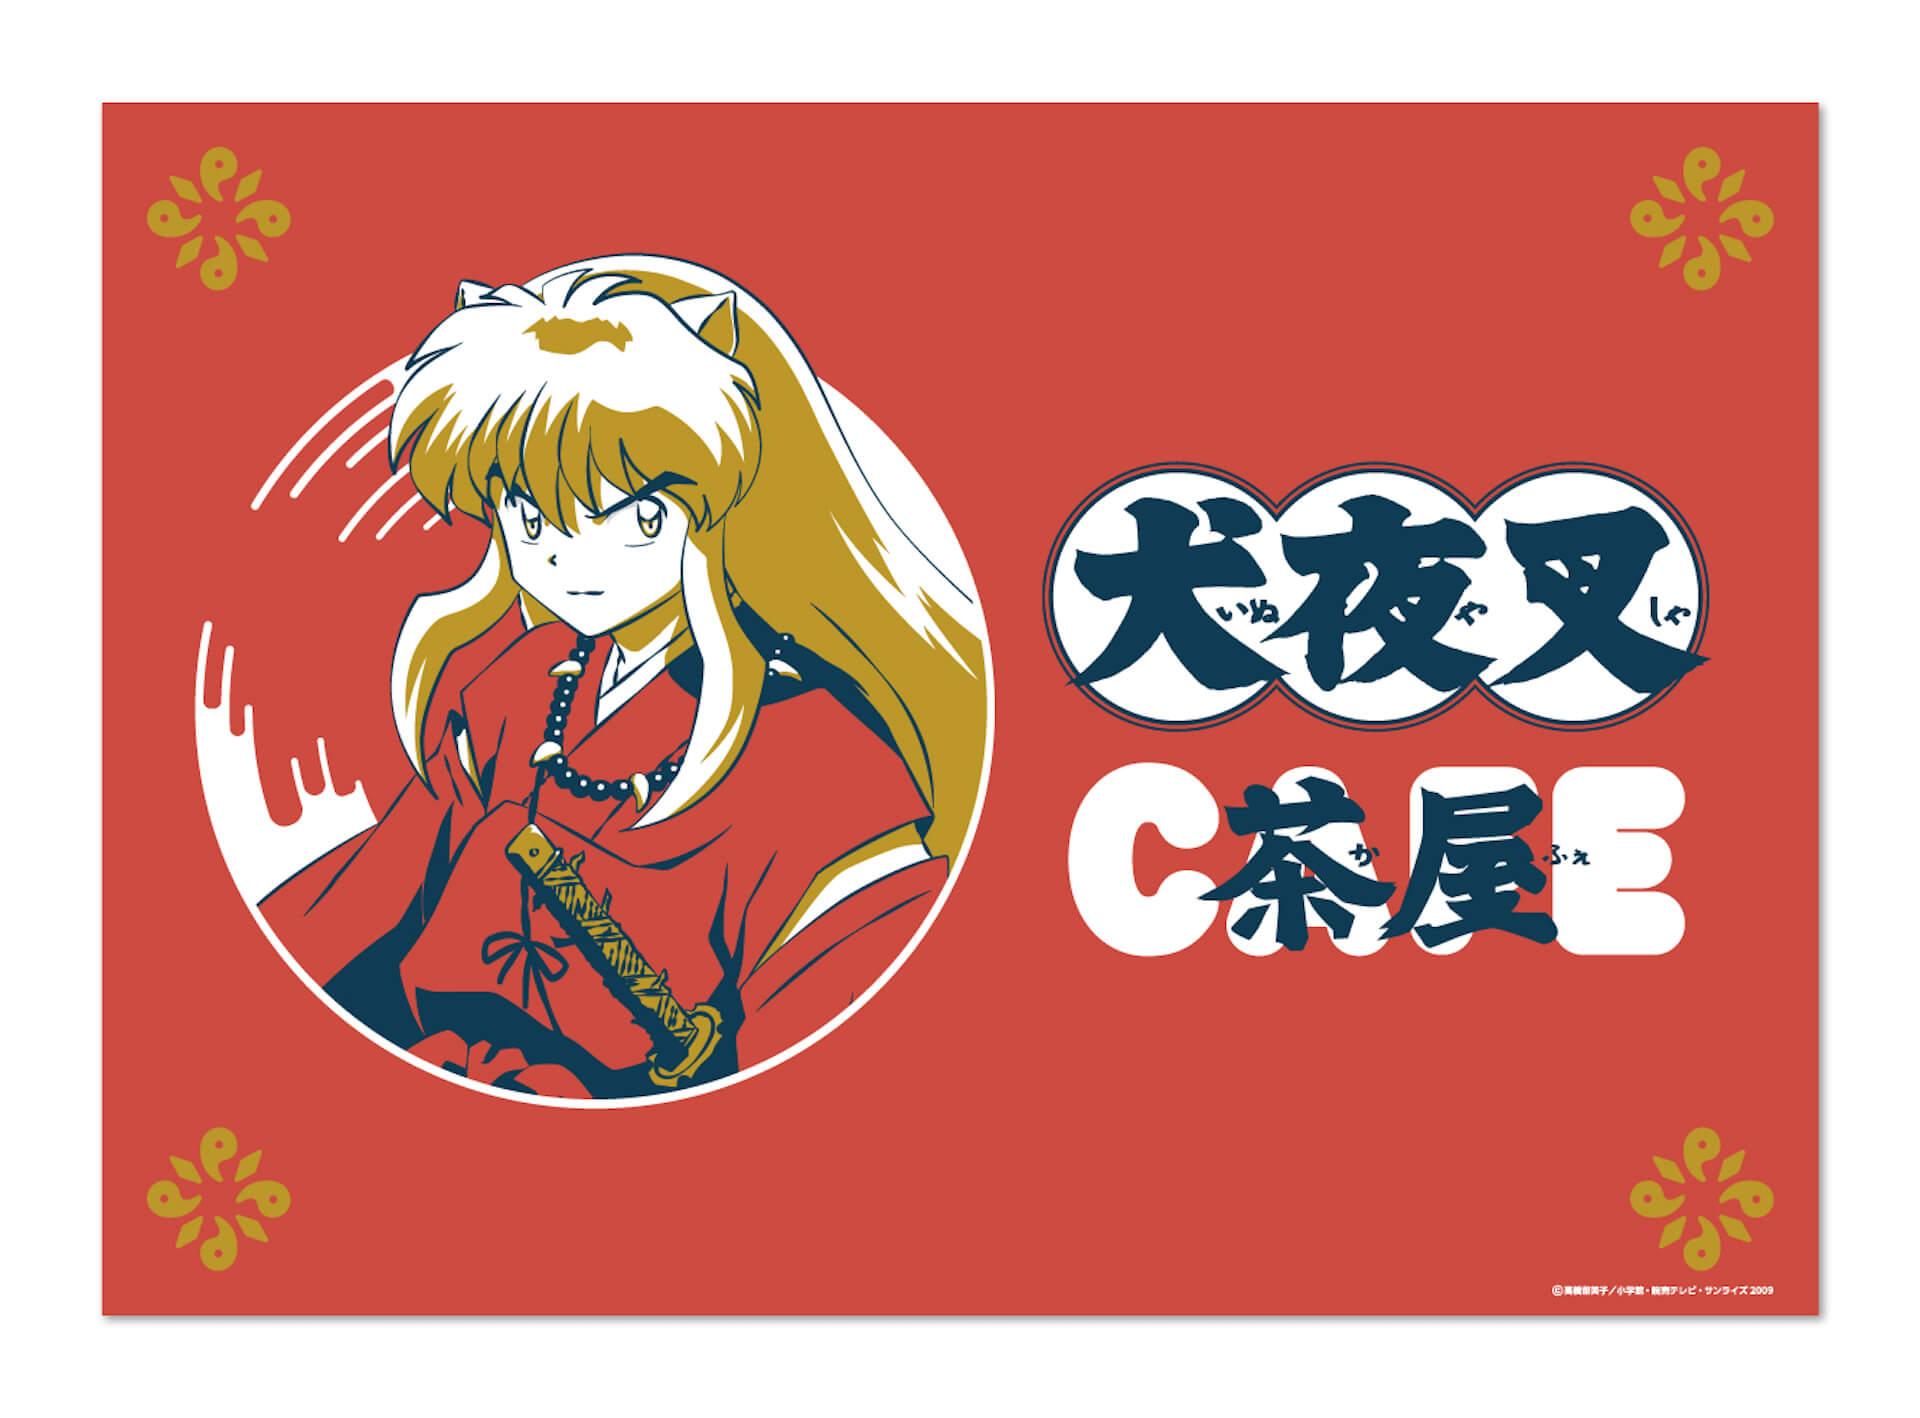 犬夜叉カフェが渋谷PARCOに期間限定オープン決定!名古屋・大阪でも開催&殺生丸・かごめら人気キャラクターの特別グッズも art200717_inuyasha_2